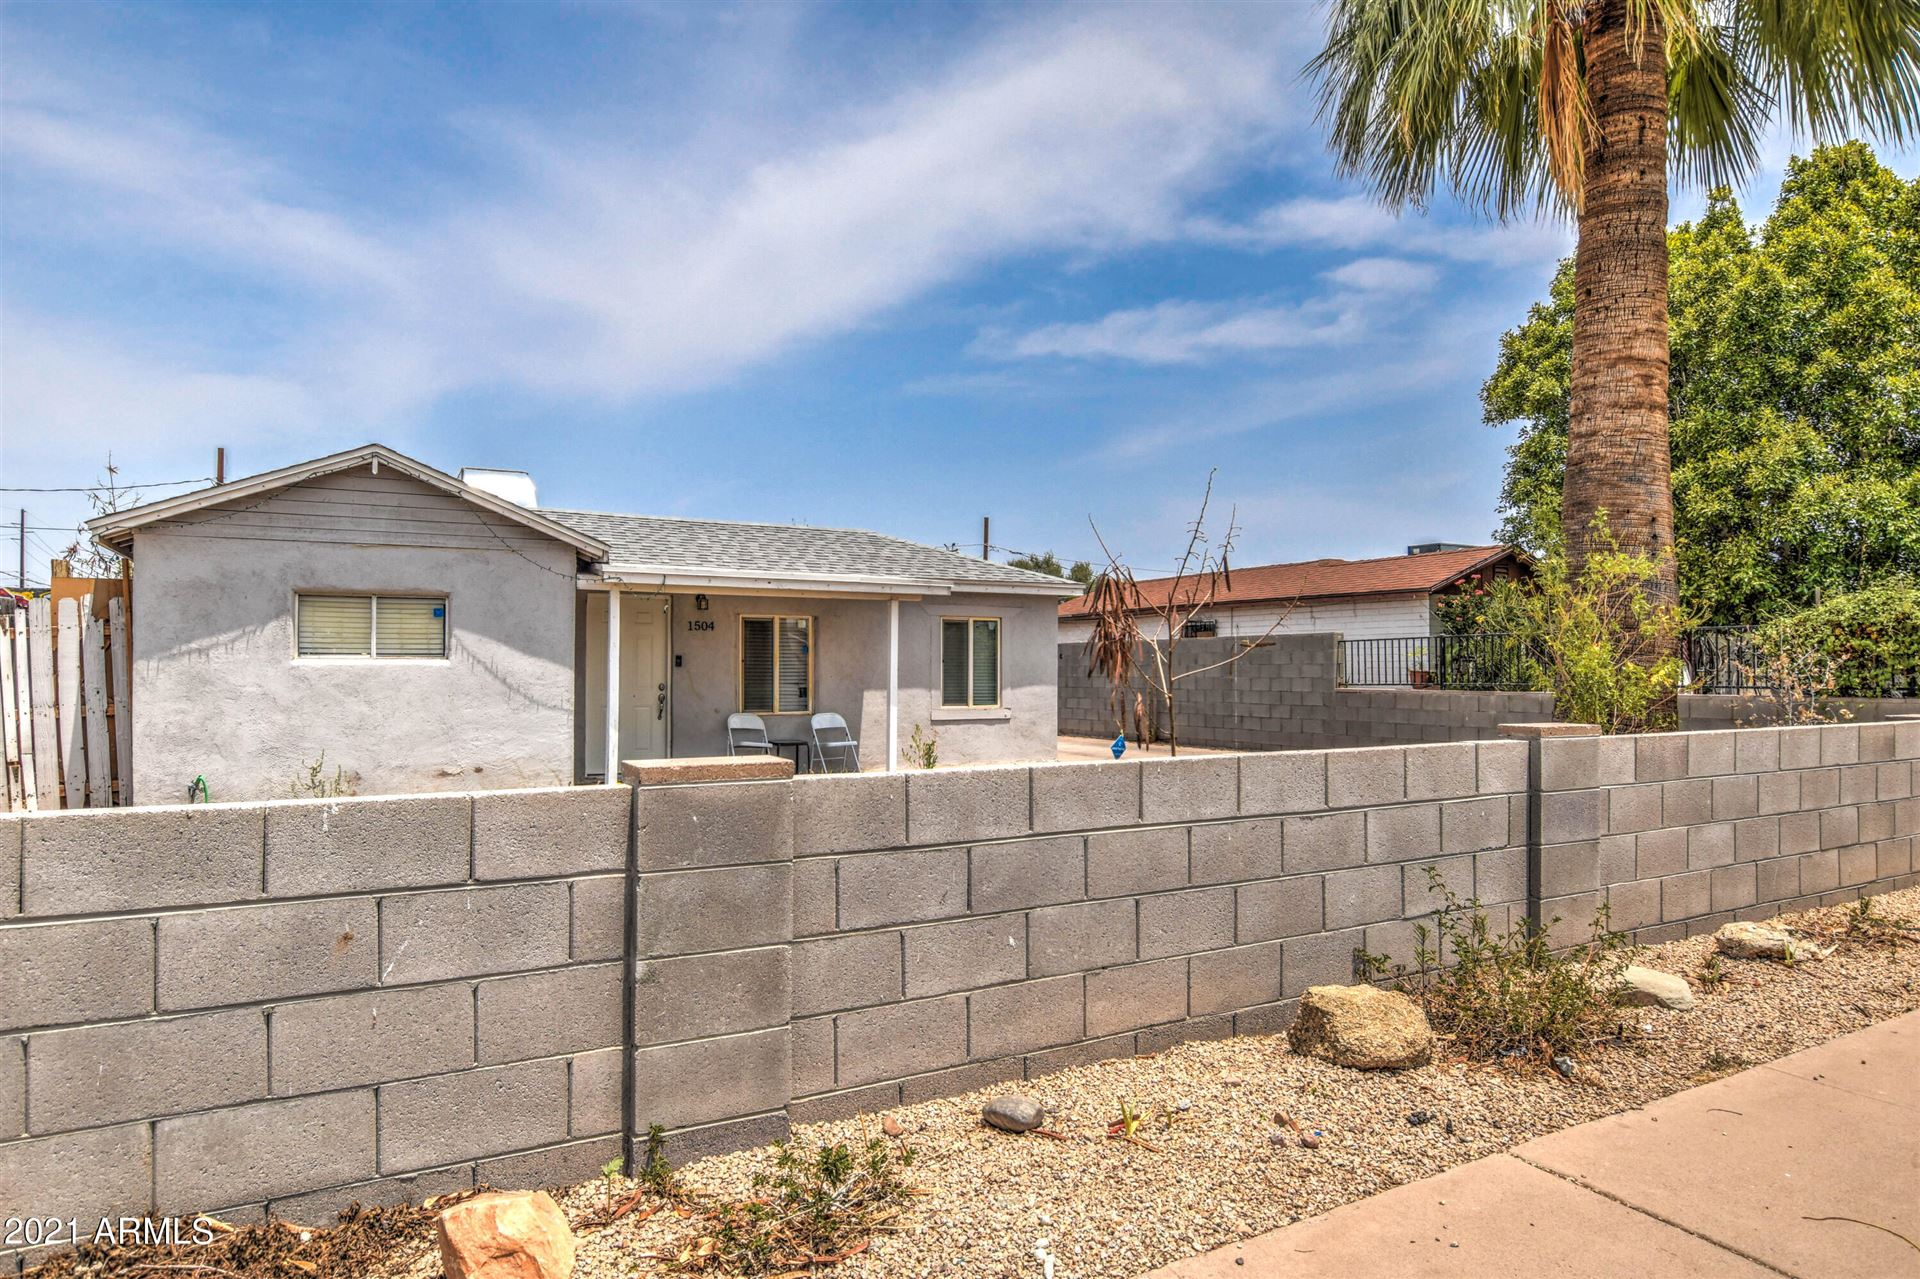 1504 E CORONA Avenue, Phoenix, AZ 85040 - MLS#: 6267511